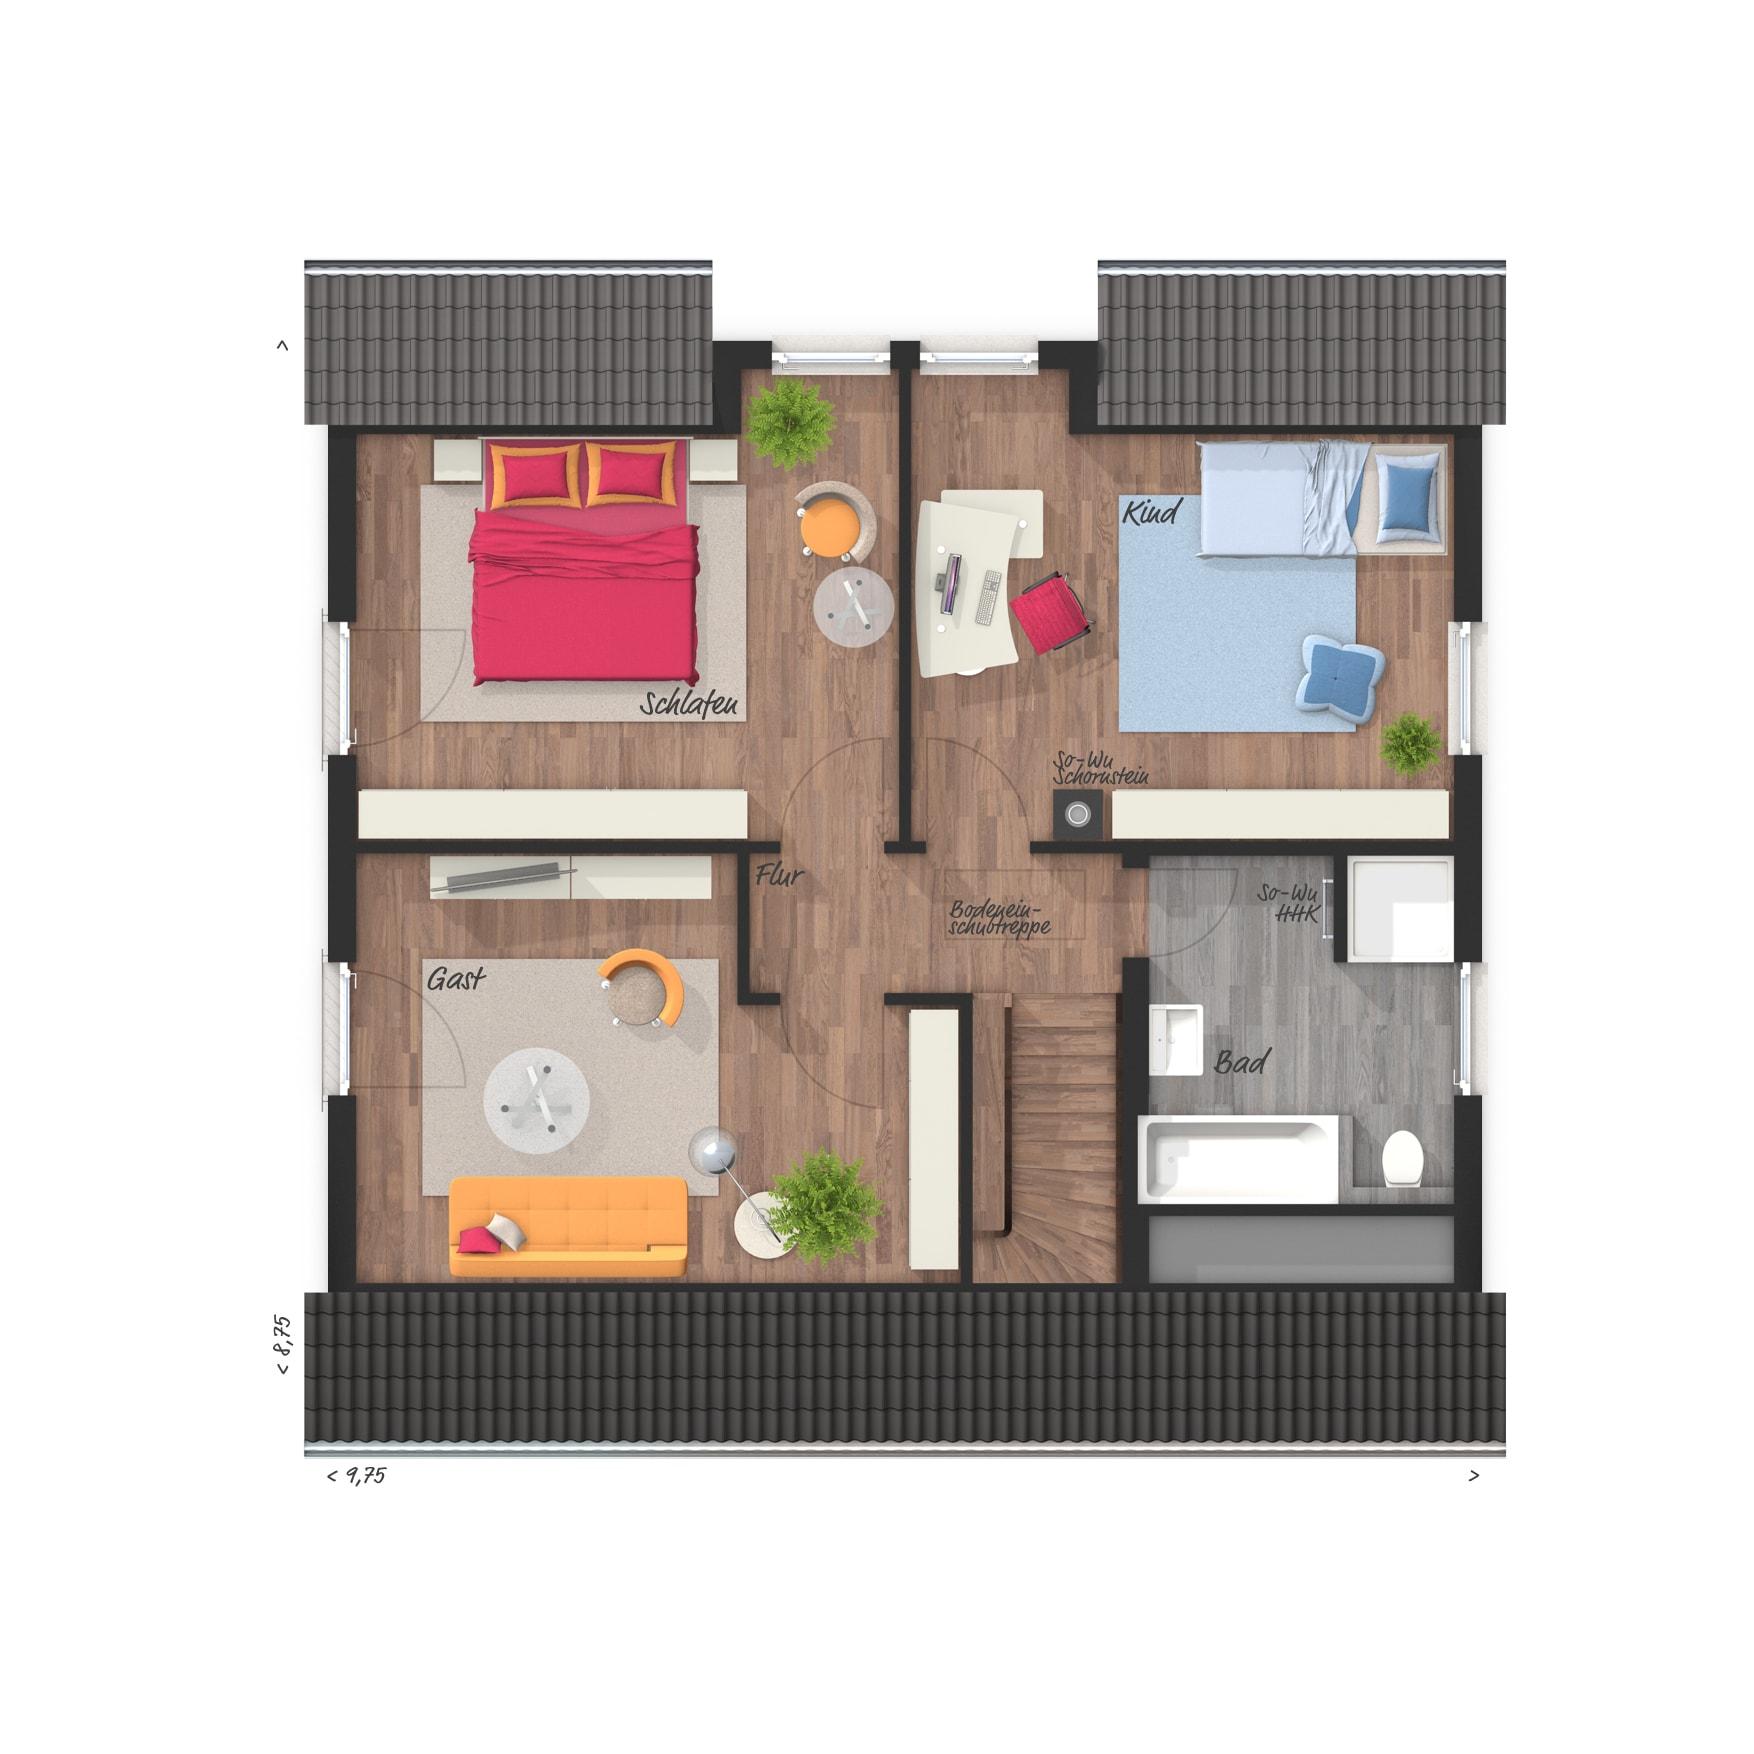 Grundriss Einfamilienhaus Dachgeschoss - Town Country Haus Flair 125 - HausbauDirekt.de